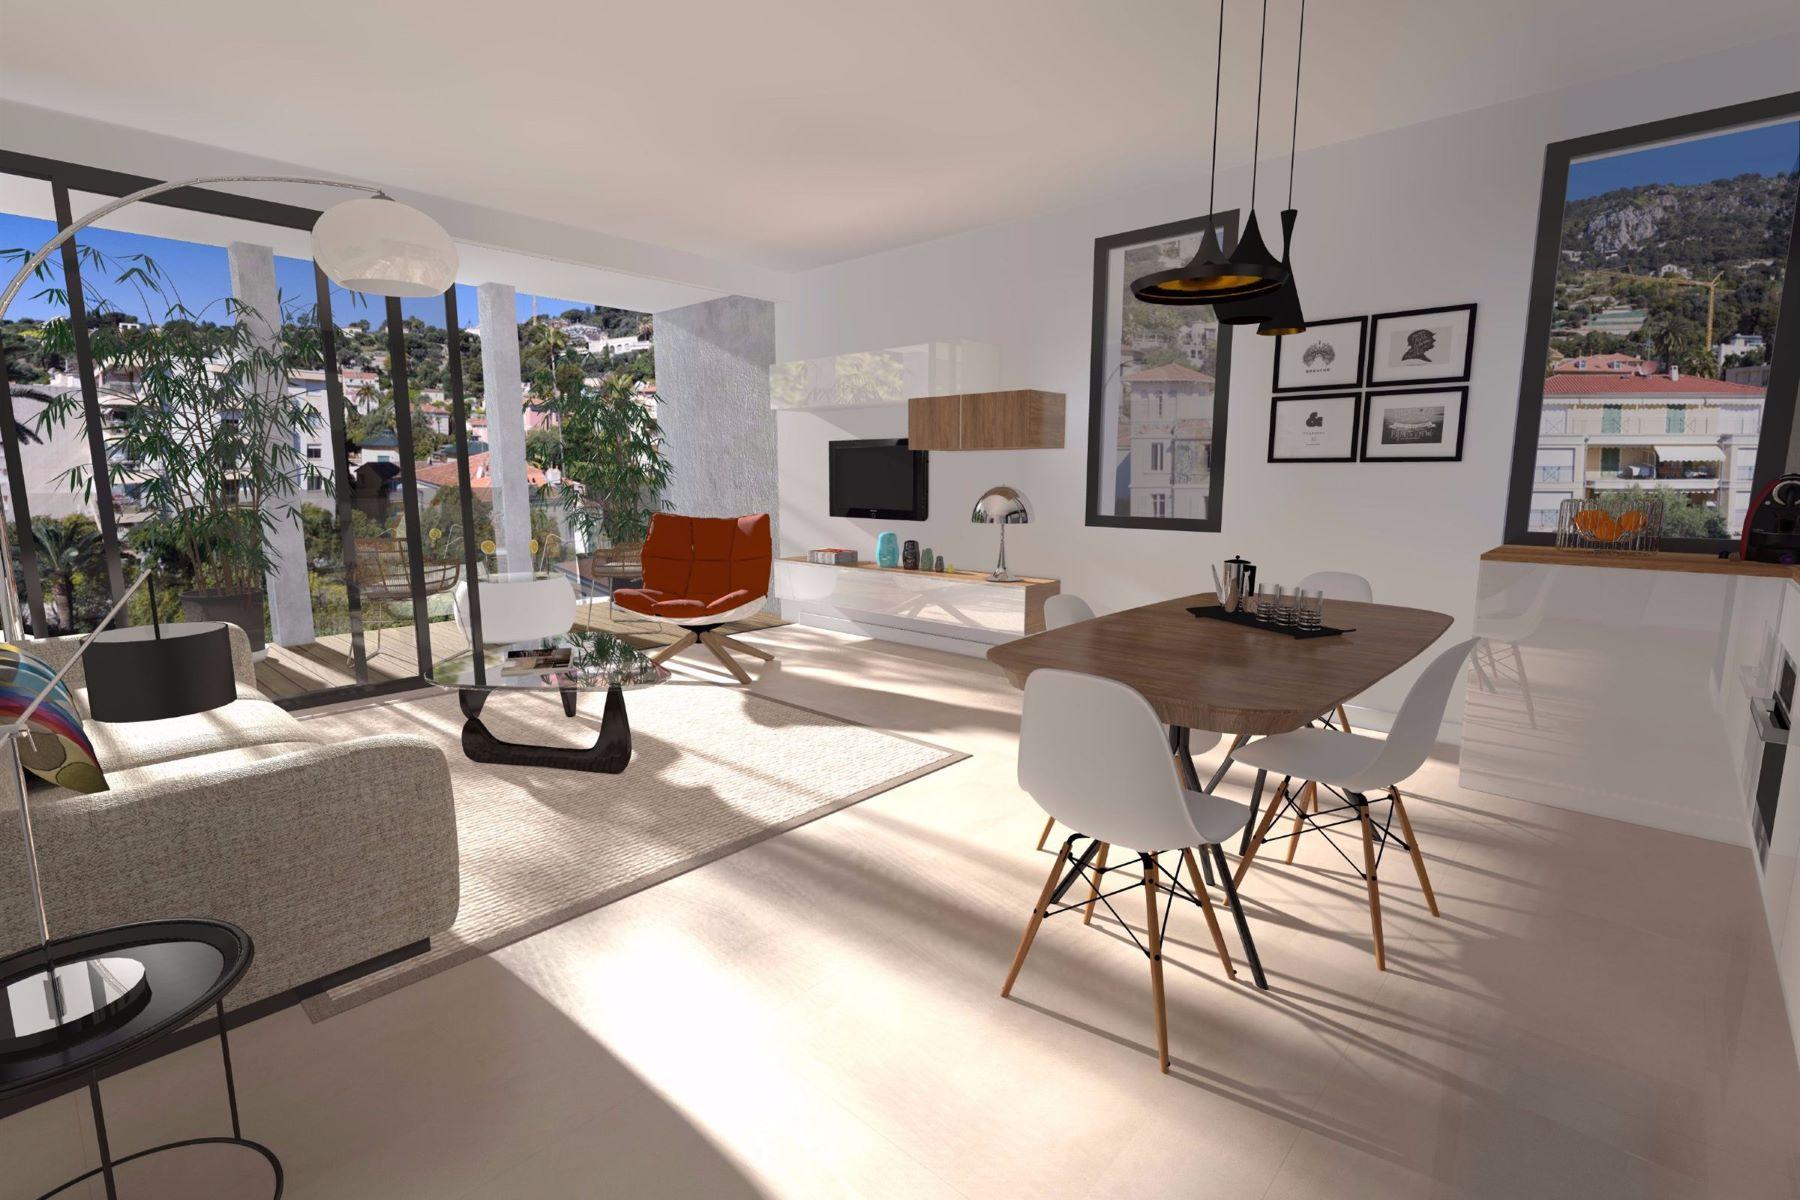 شقة للـ Sale في Luxury 2 Bed apartment, in a new residence in the heart of Beaulieu-sur-Mer. Beaulieu Sur Mer, Provence-Alpes-Cote D'Azur, 06310 France